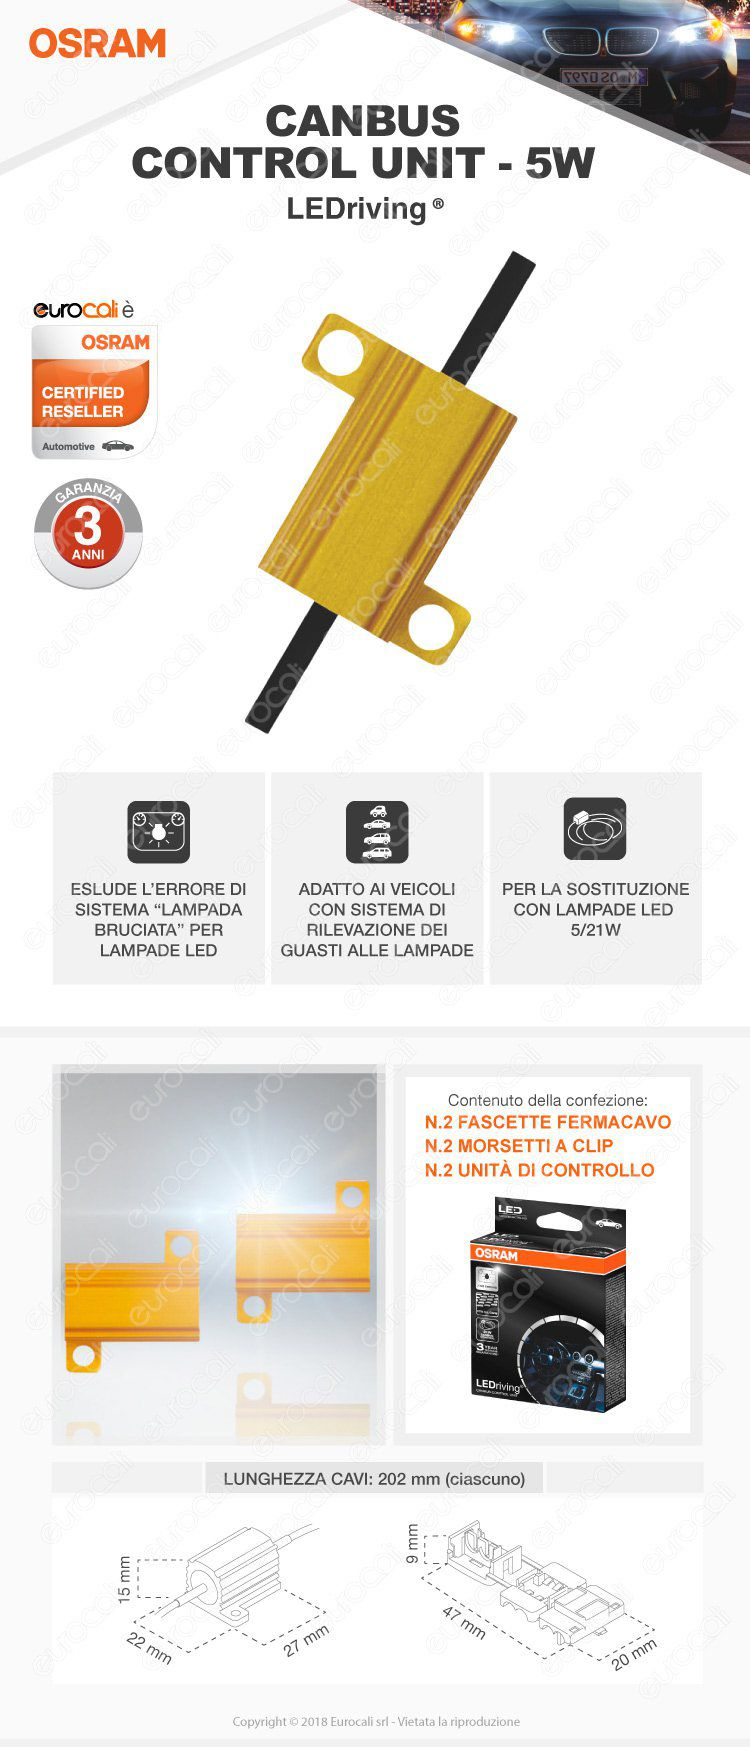 lampadina osram LEDriving premium canbus control unit